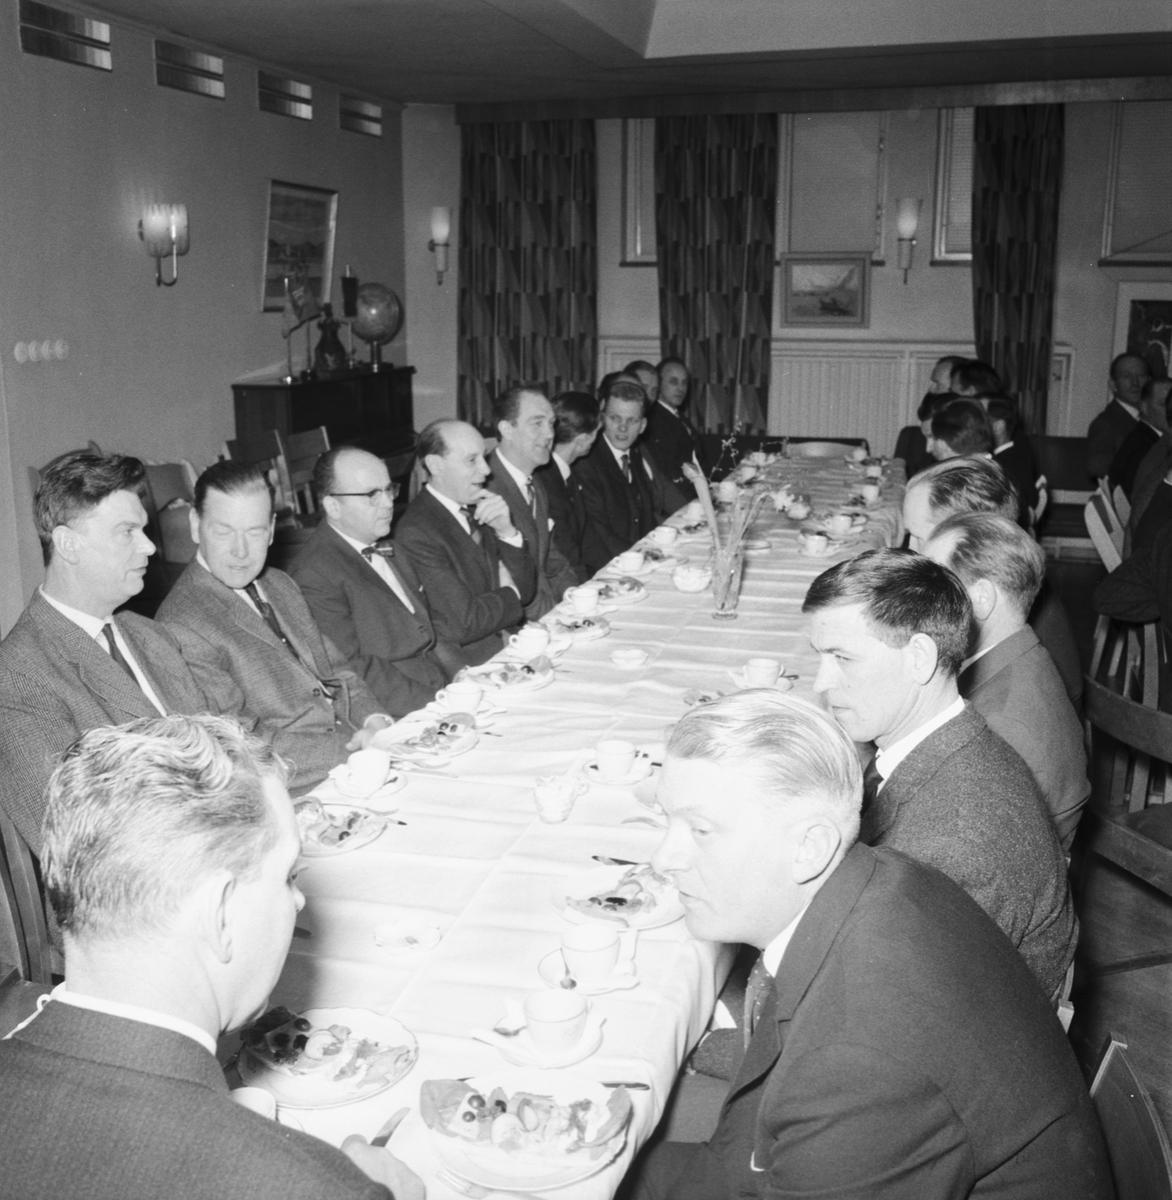 Övrigt: Foto datum: 22/2 1963 Verkstäder och personal. FCTF:s lokaler MTM-information